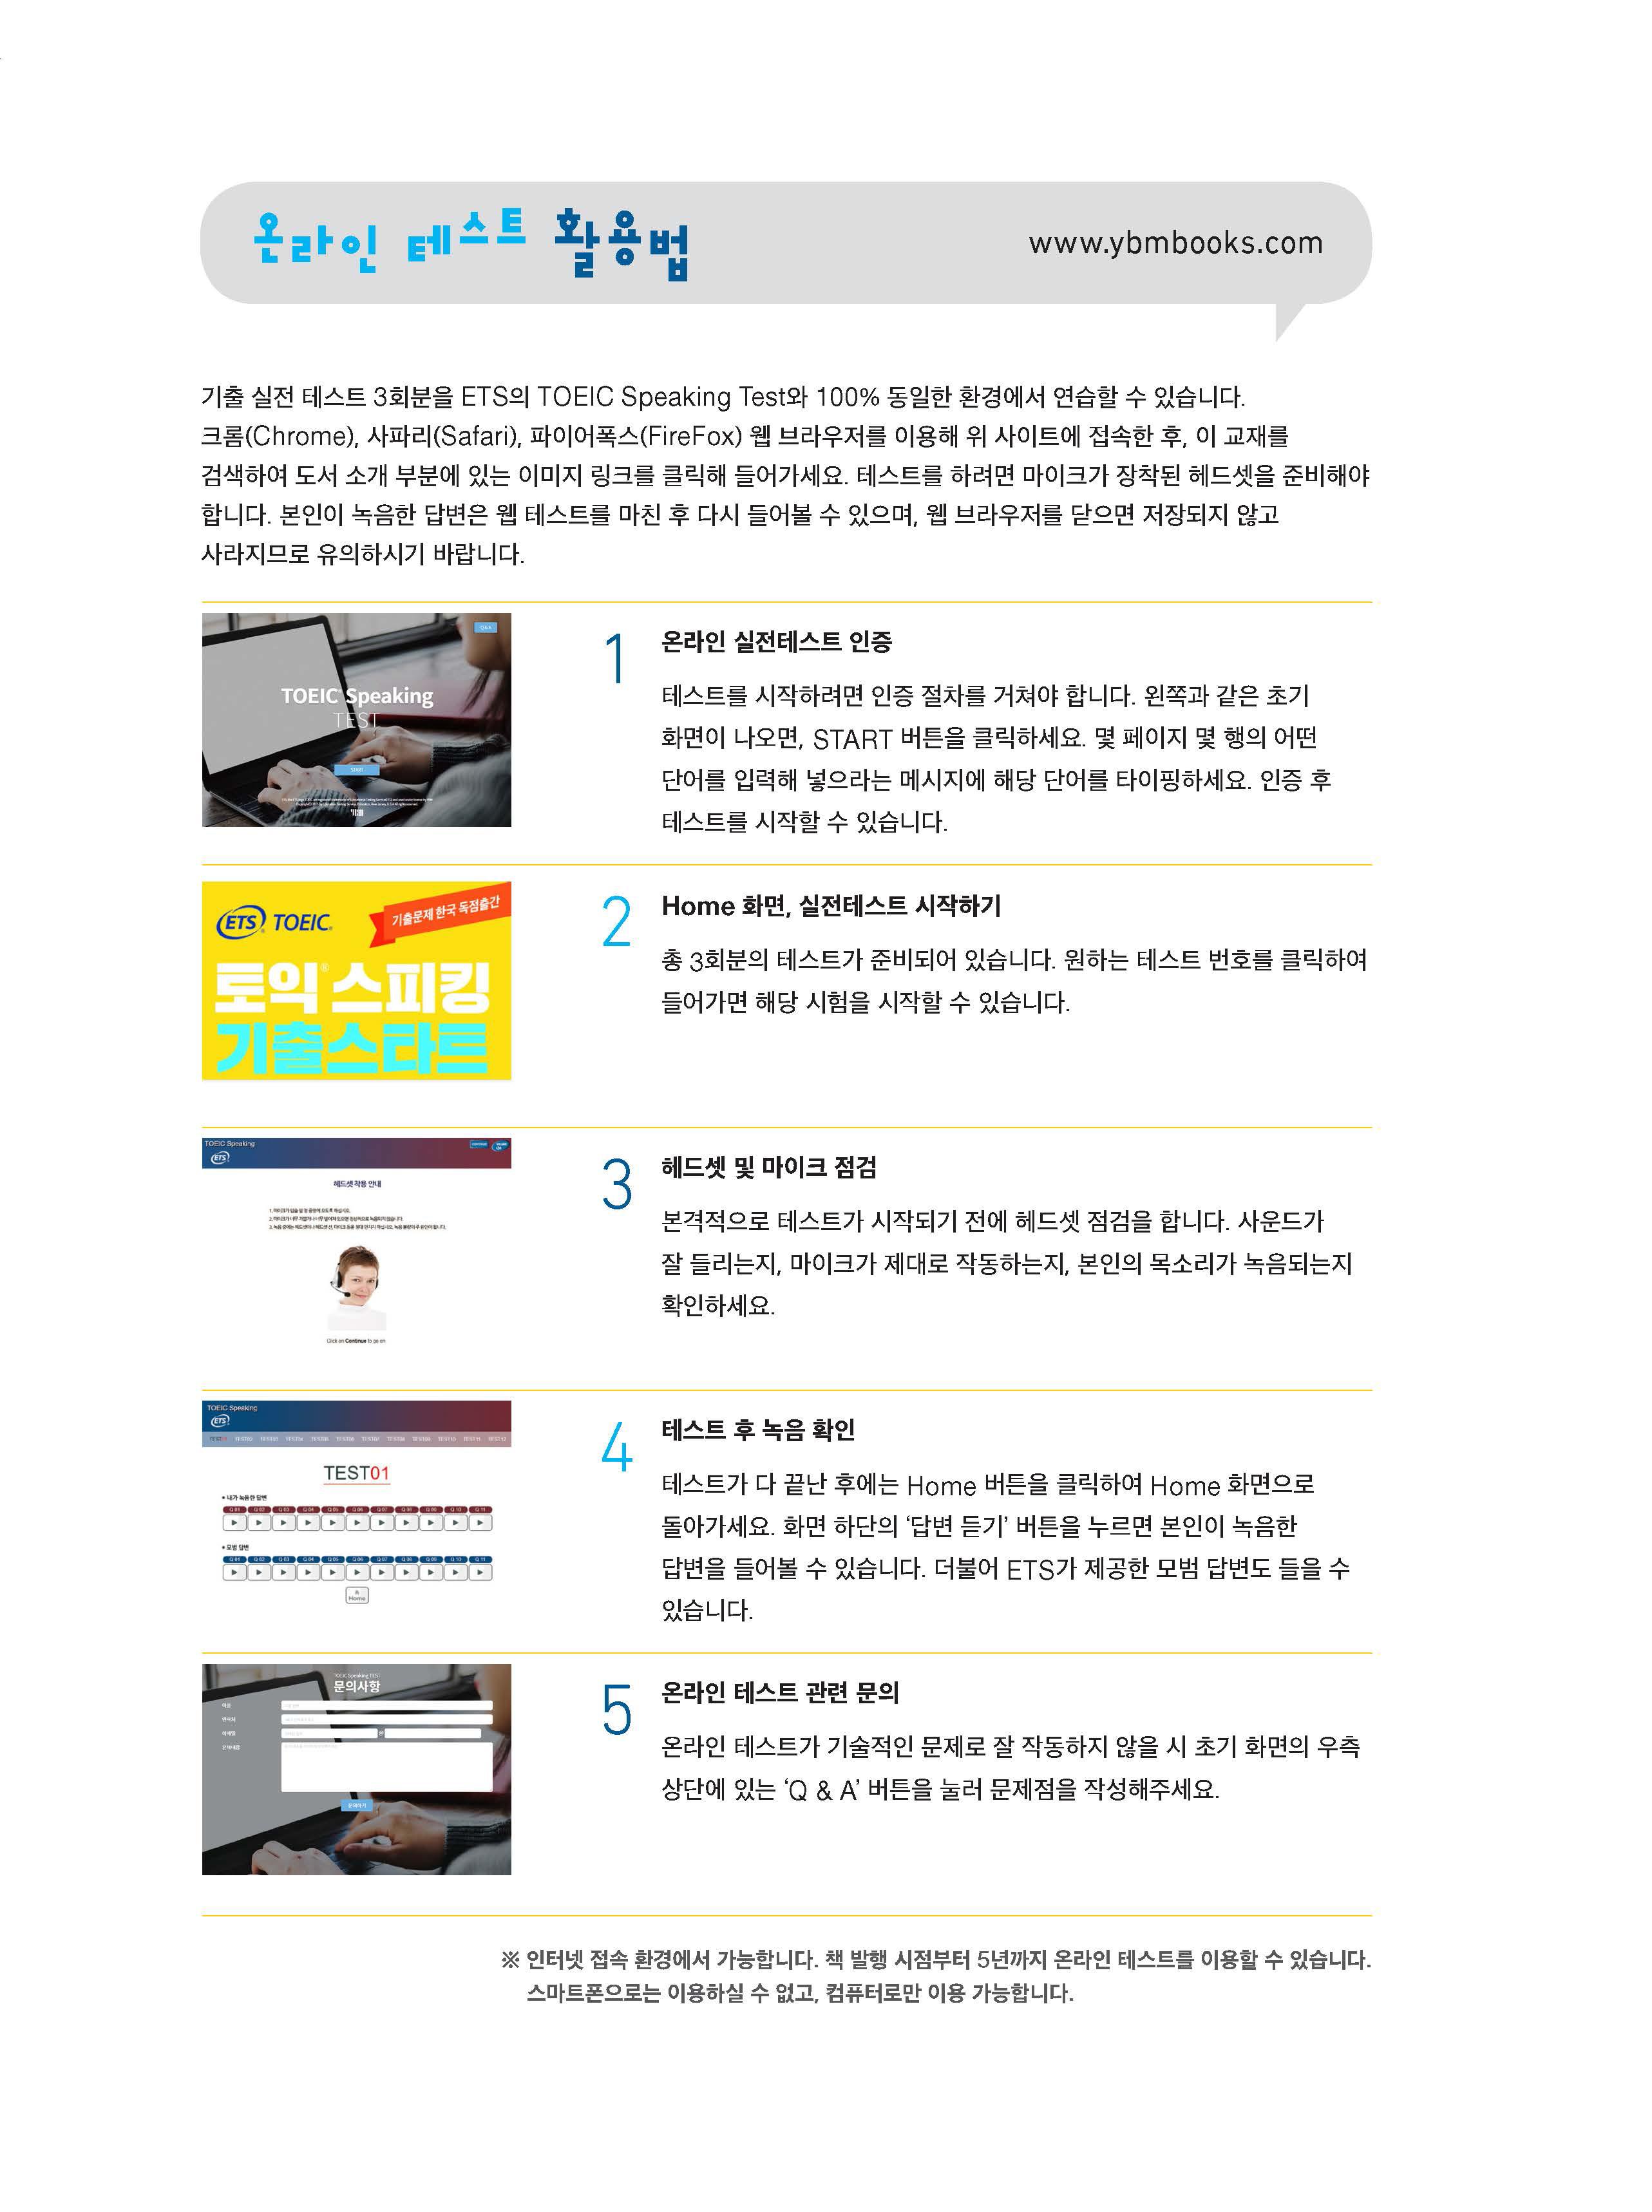 ETS 토익스피킹 기출 스타트 온라인테스트 활용법